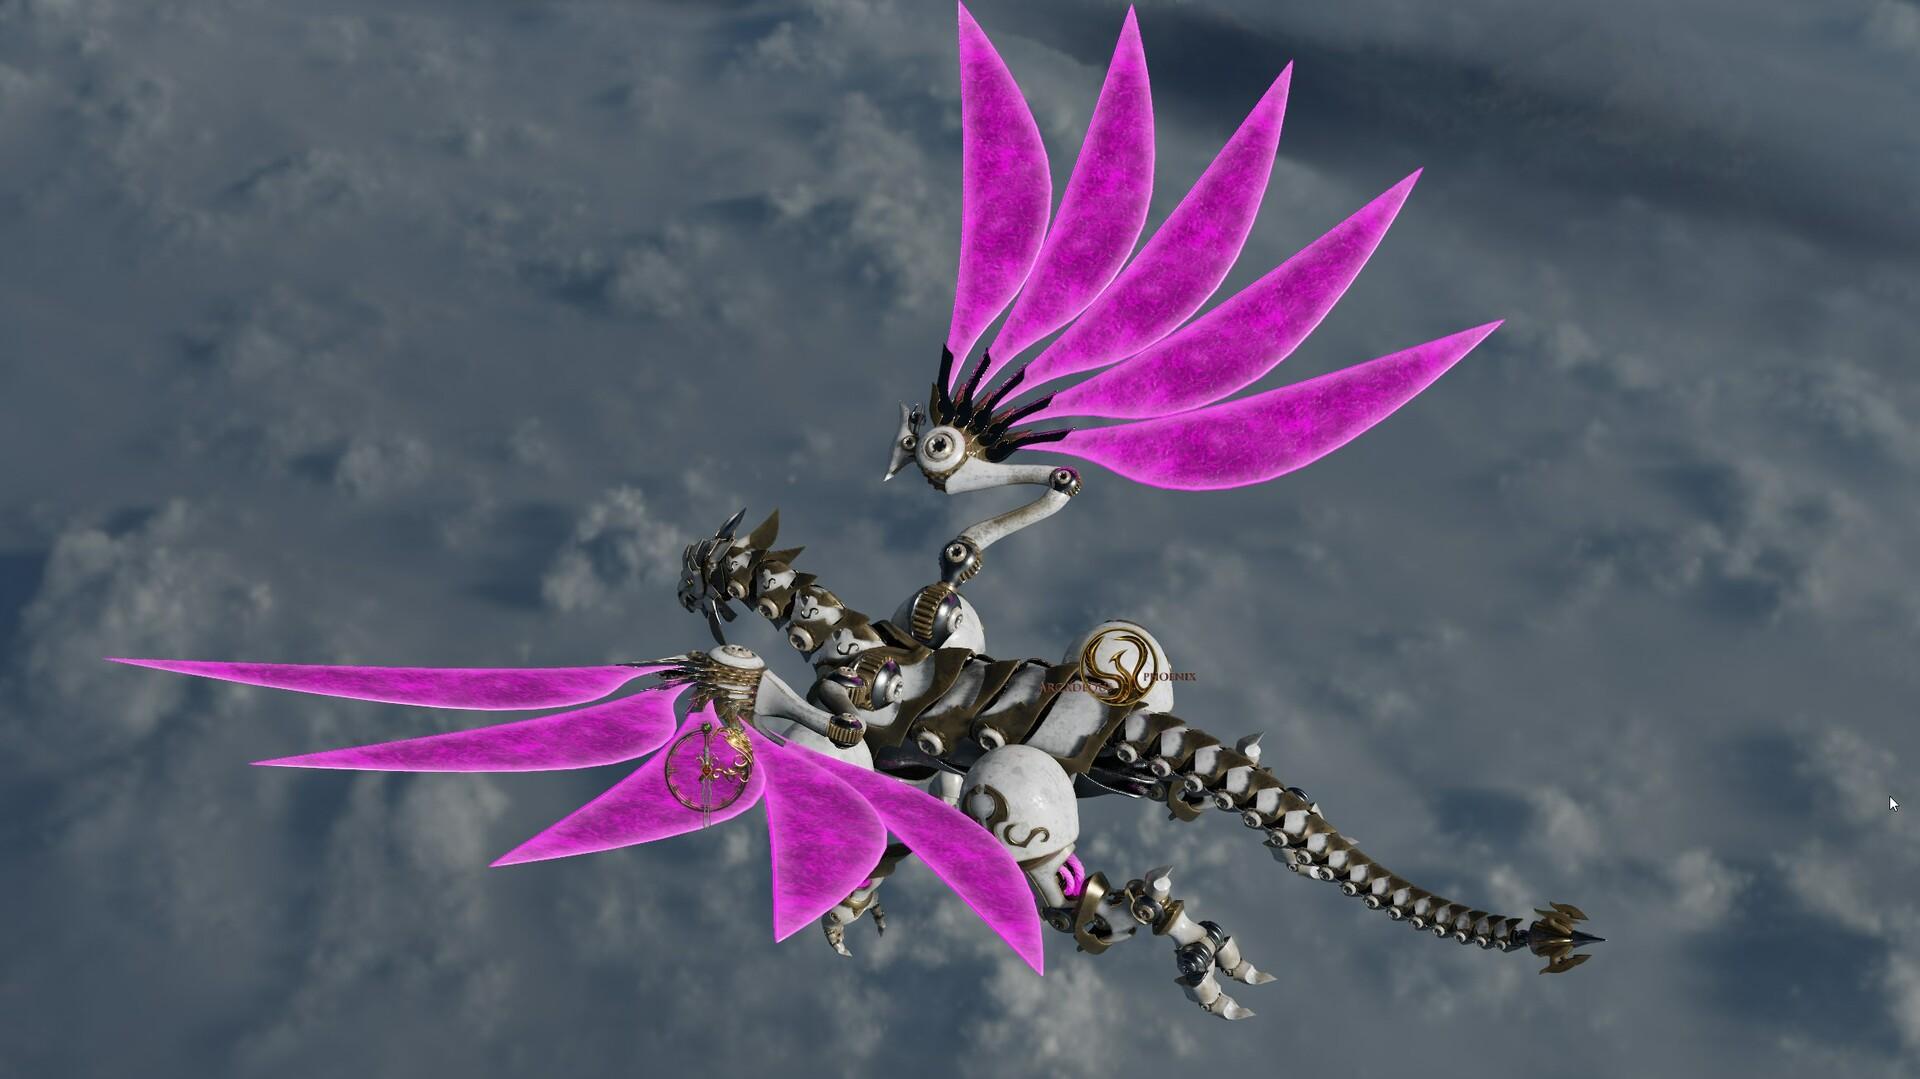 Arcadeous phoenix blender nbb6dymlot